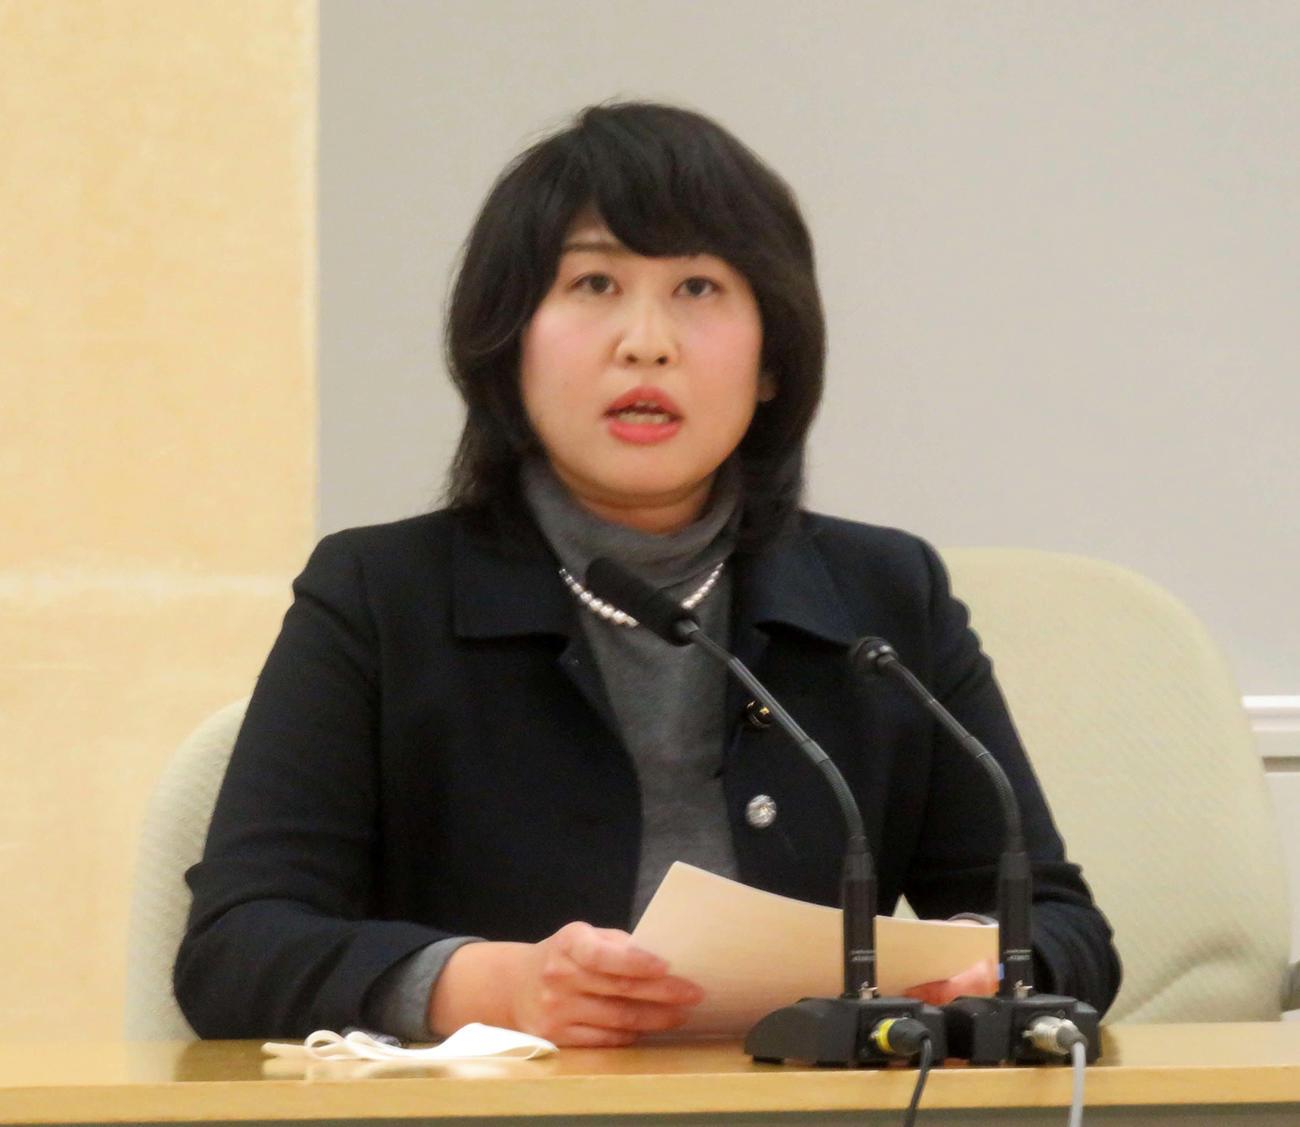 西郷歩美・東京都議会議員は18日、都庁内で会見し、都民ファーストの会を離党、日本維新の会に入党することを表明した(撮影・大上悟)